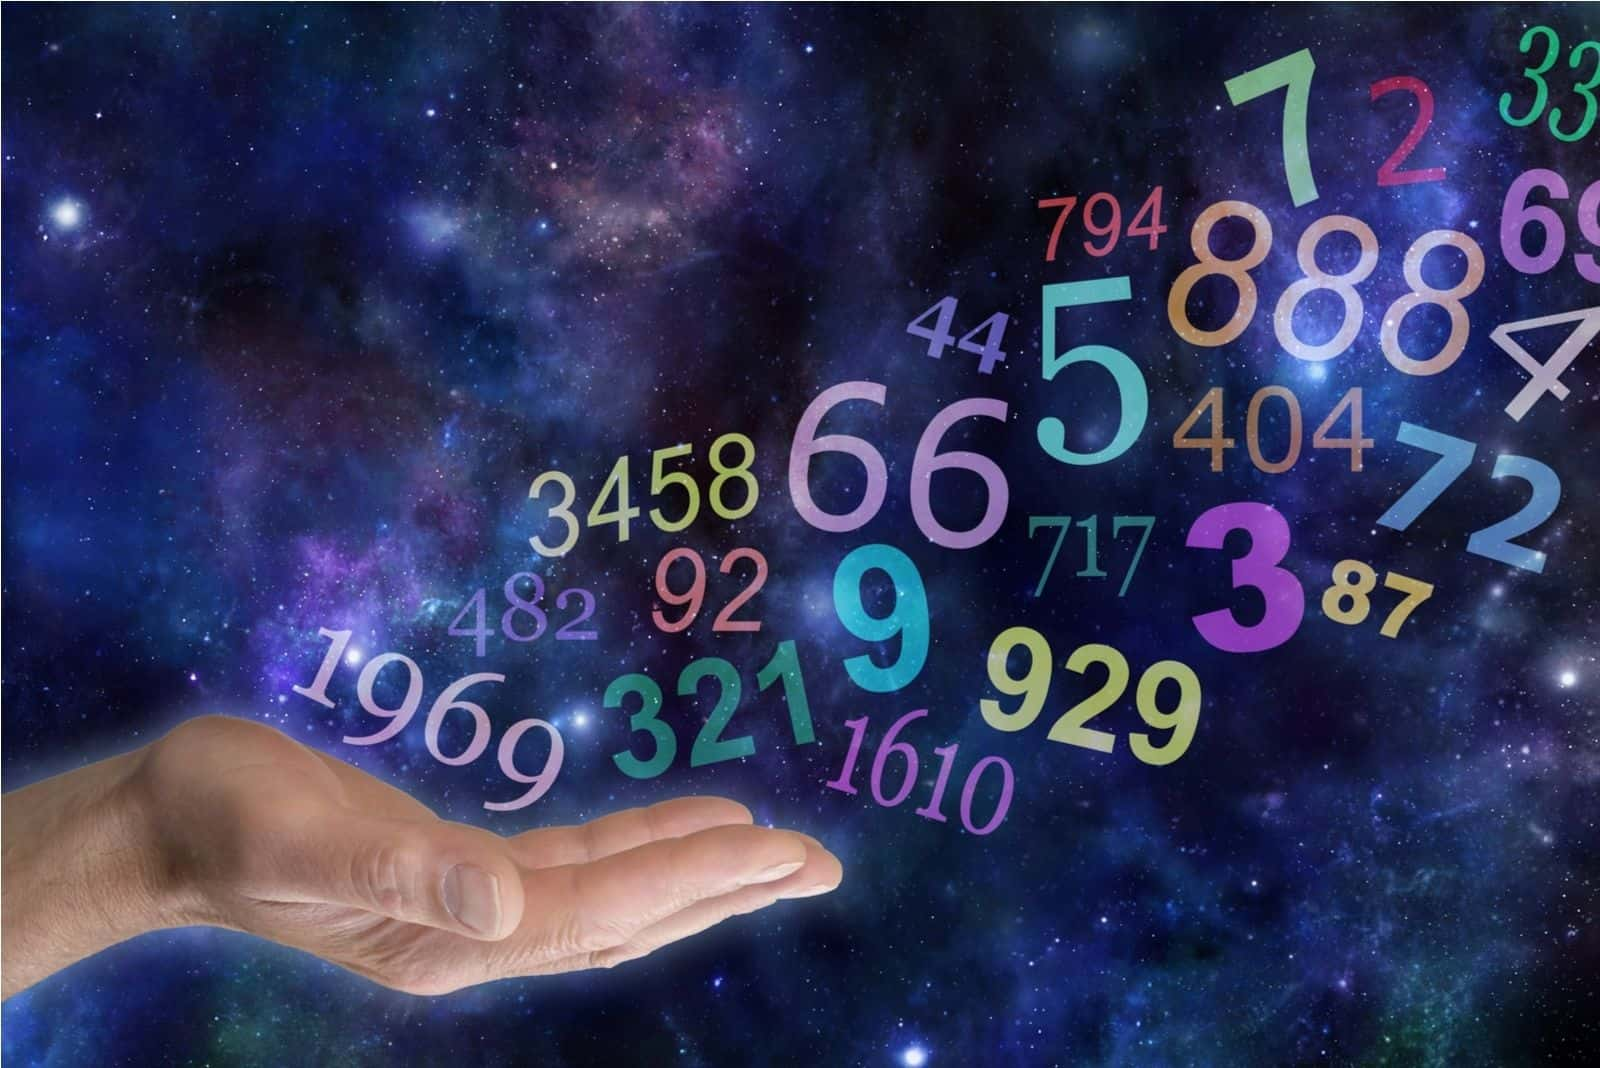 männliche Handfläche nach oben mit einer Gruppe zufälliger mehrfarbiger transparenter Zahlen, die auf einem breiten Weltraumhintergrund mit Kopierraum nach oben und weg schweben